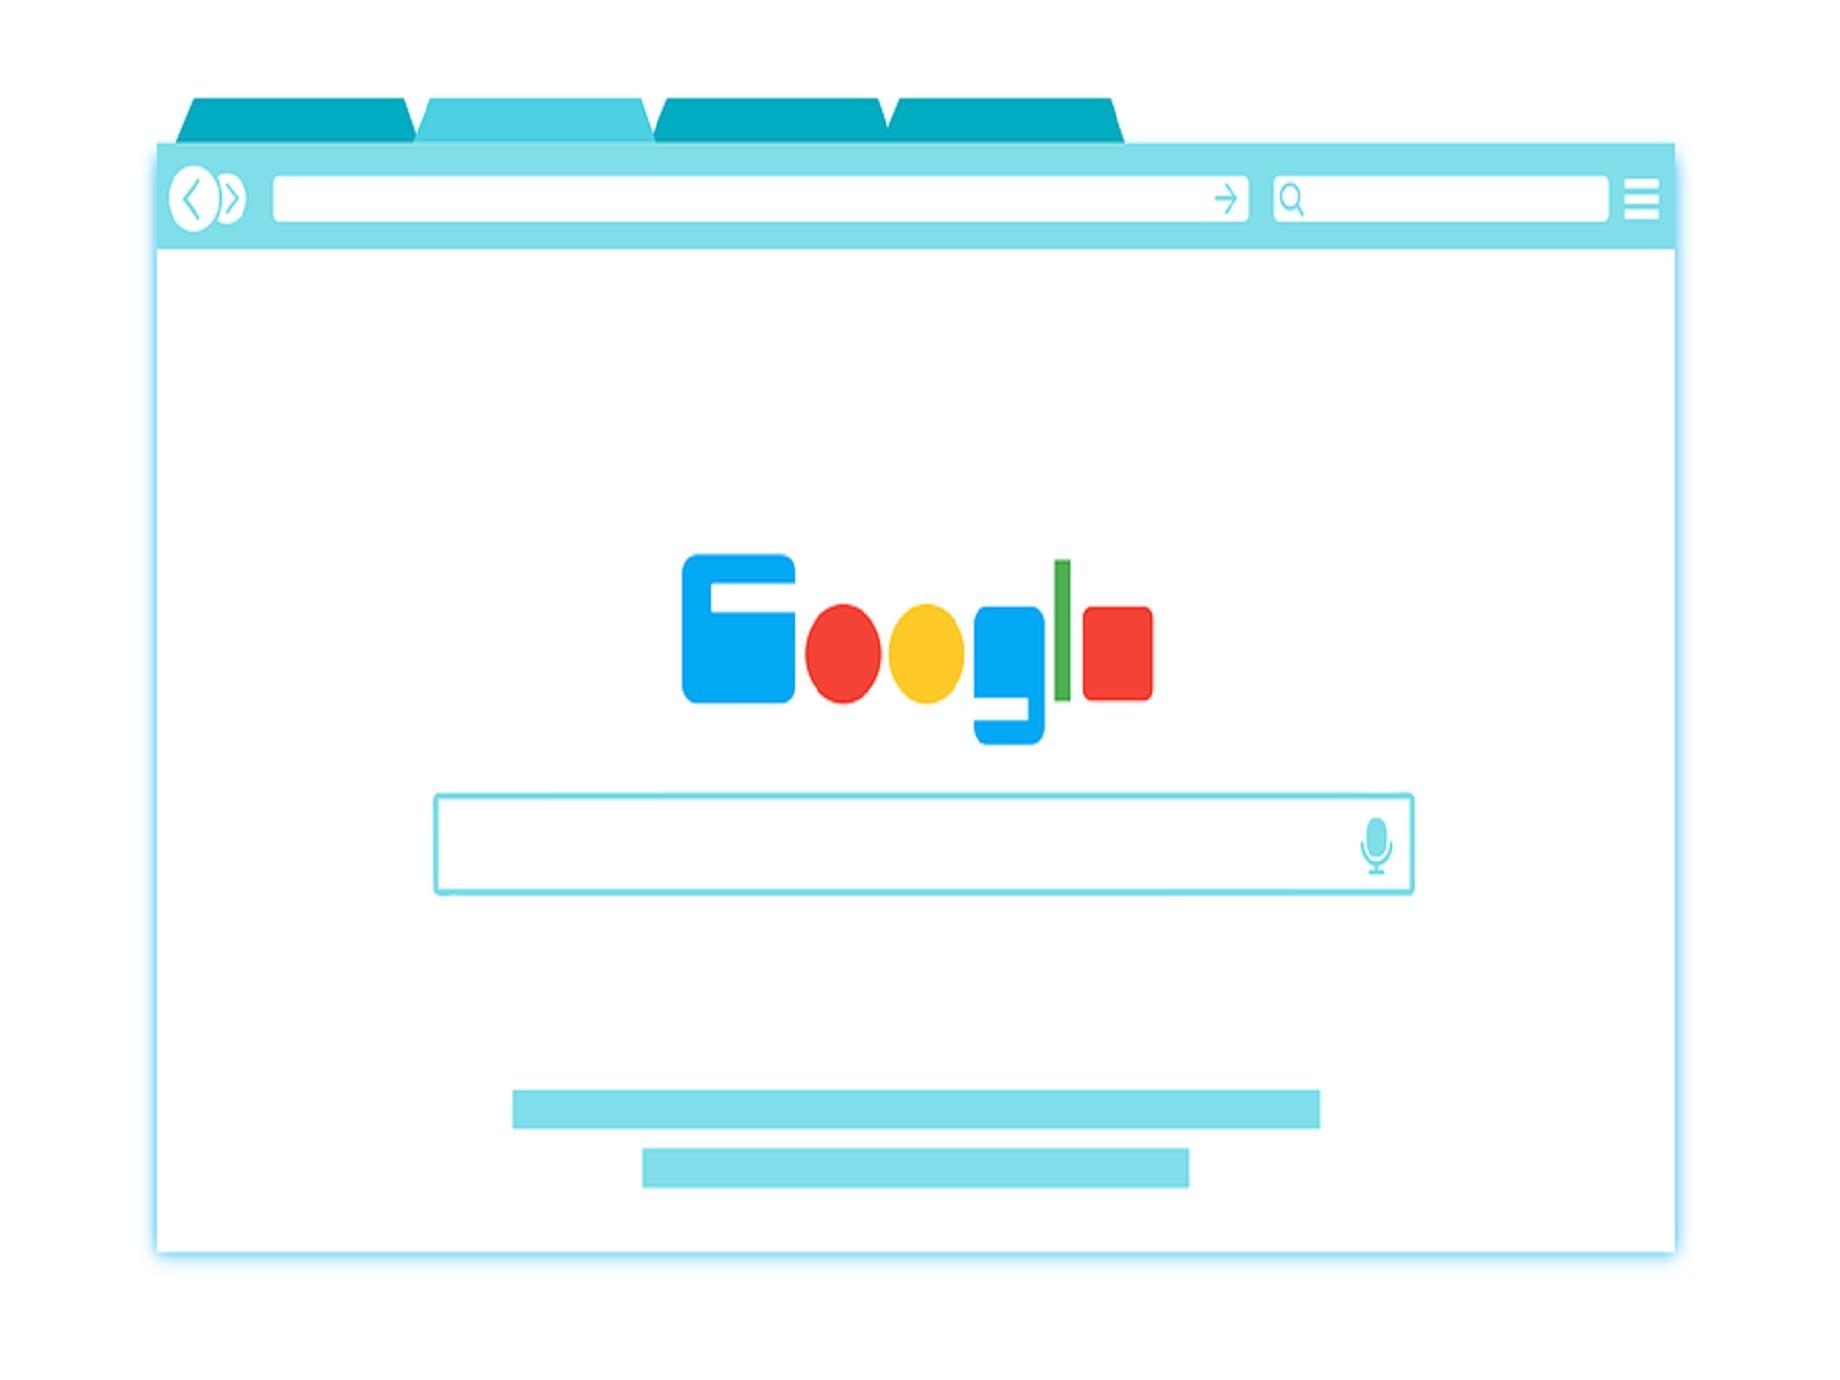 手機搜尋對電商影響有多大?Google用3個數據來介紹